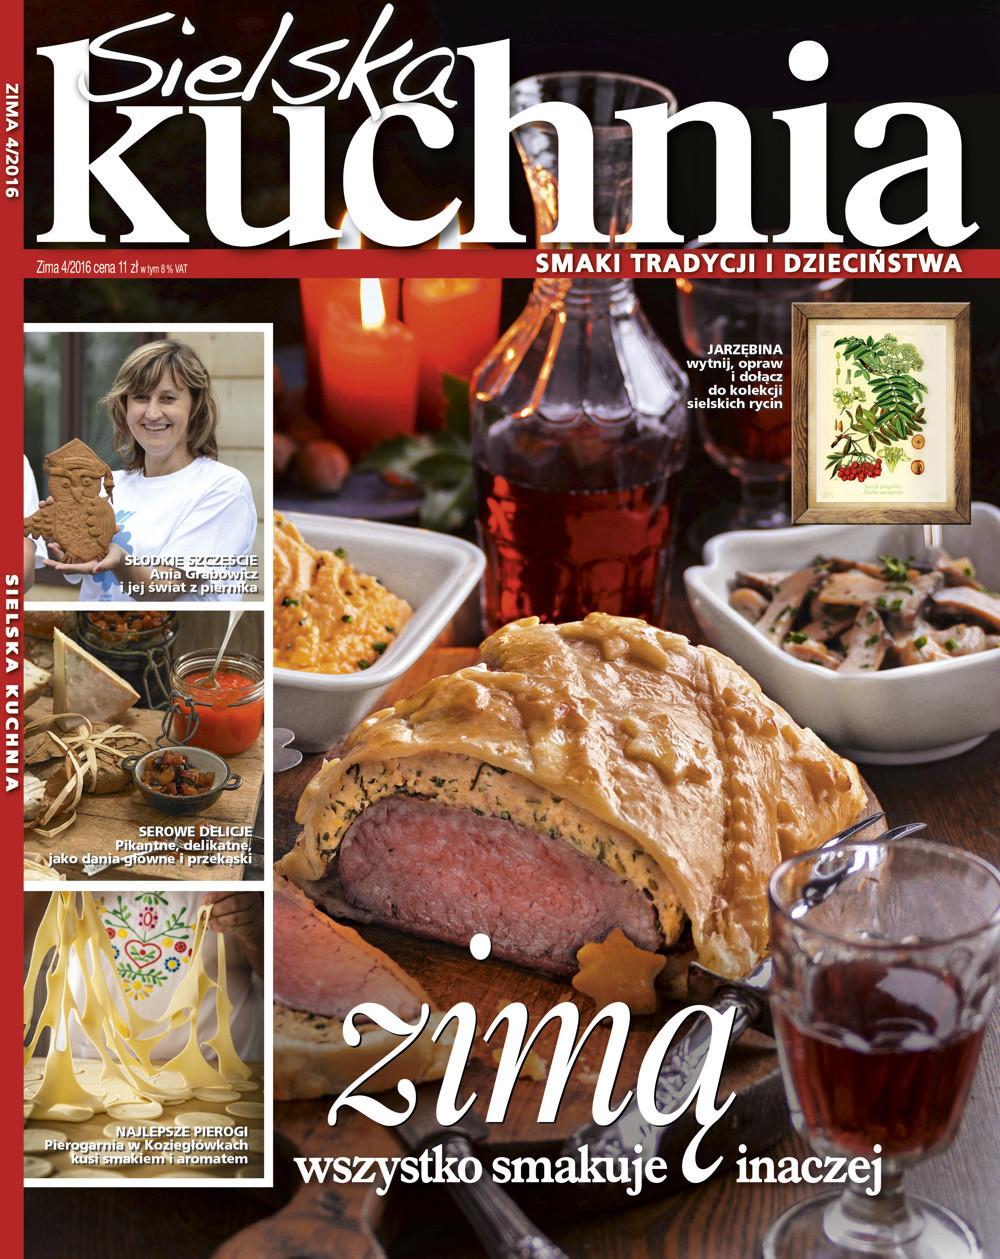 Sielska Kuchnia 42016 Pierwsze Strony Jedynki